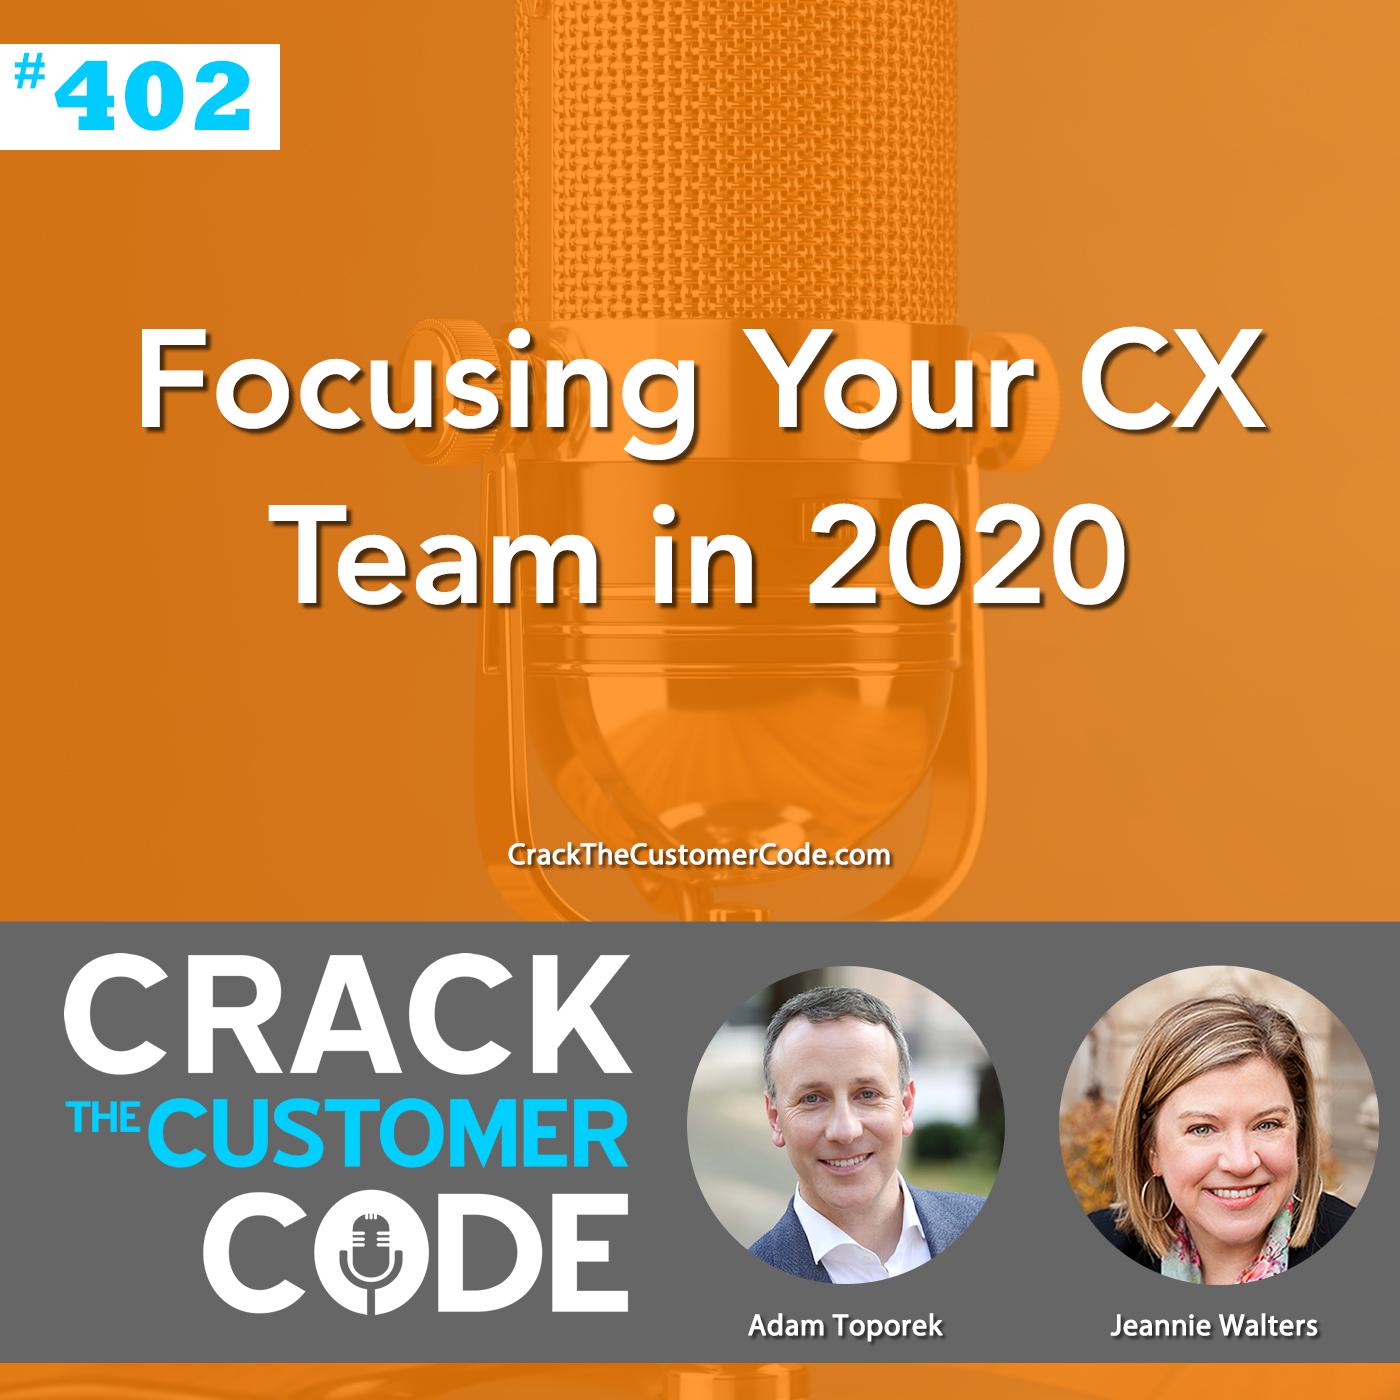 402: Focusing Your CX Team in 2020